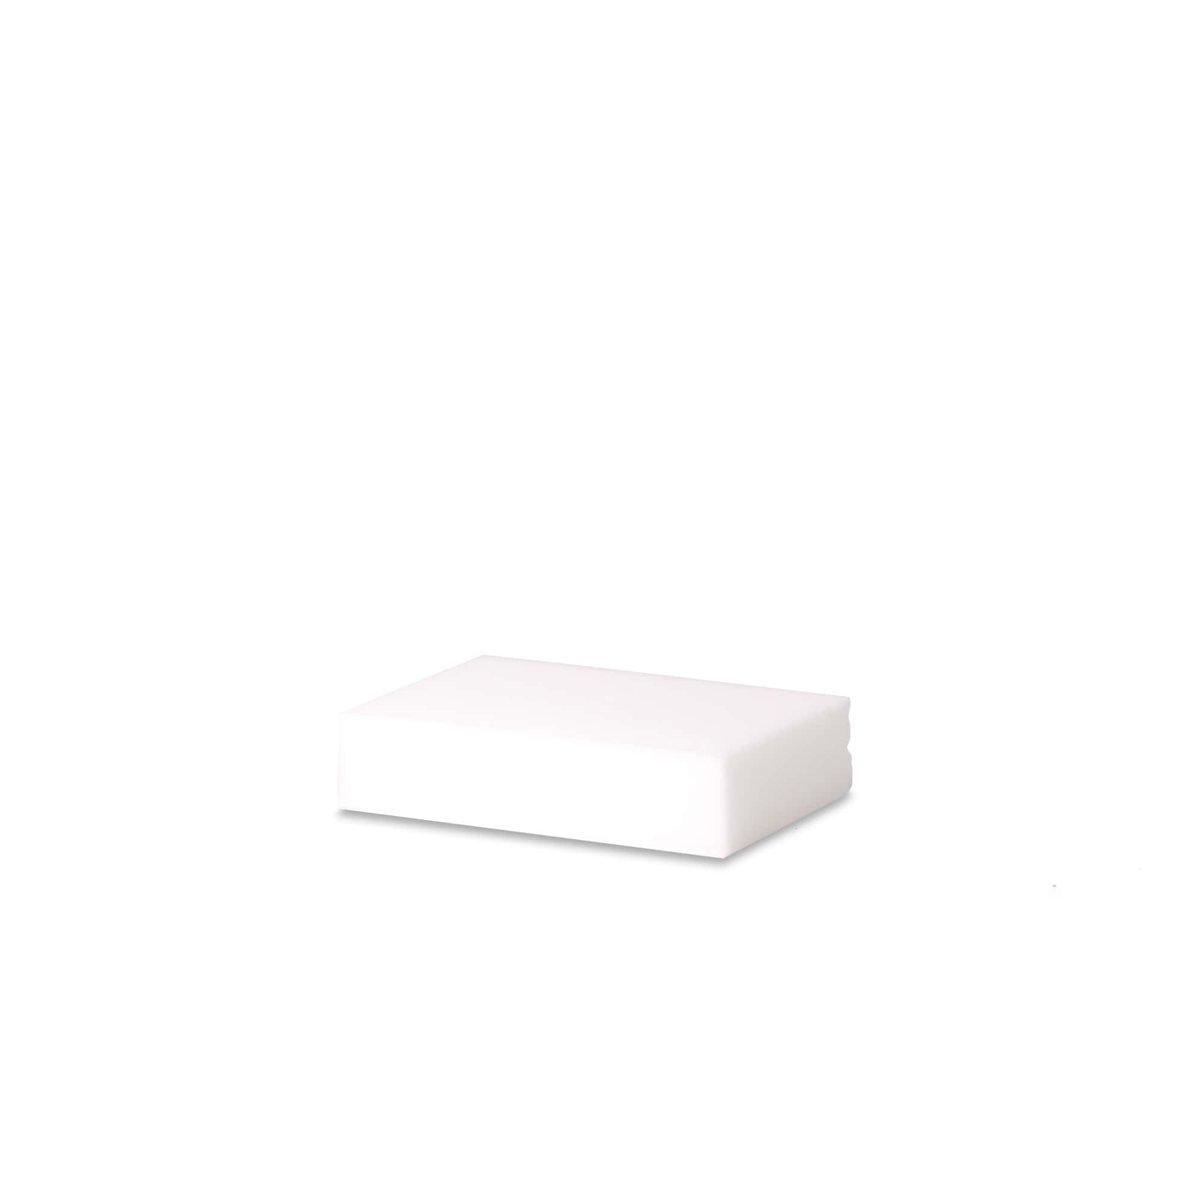 Vlekkenspons - Wit - 10 stuks